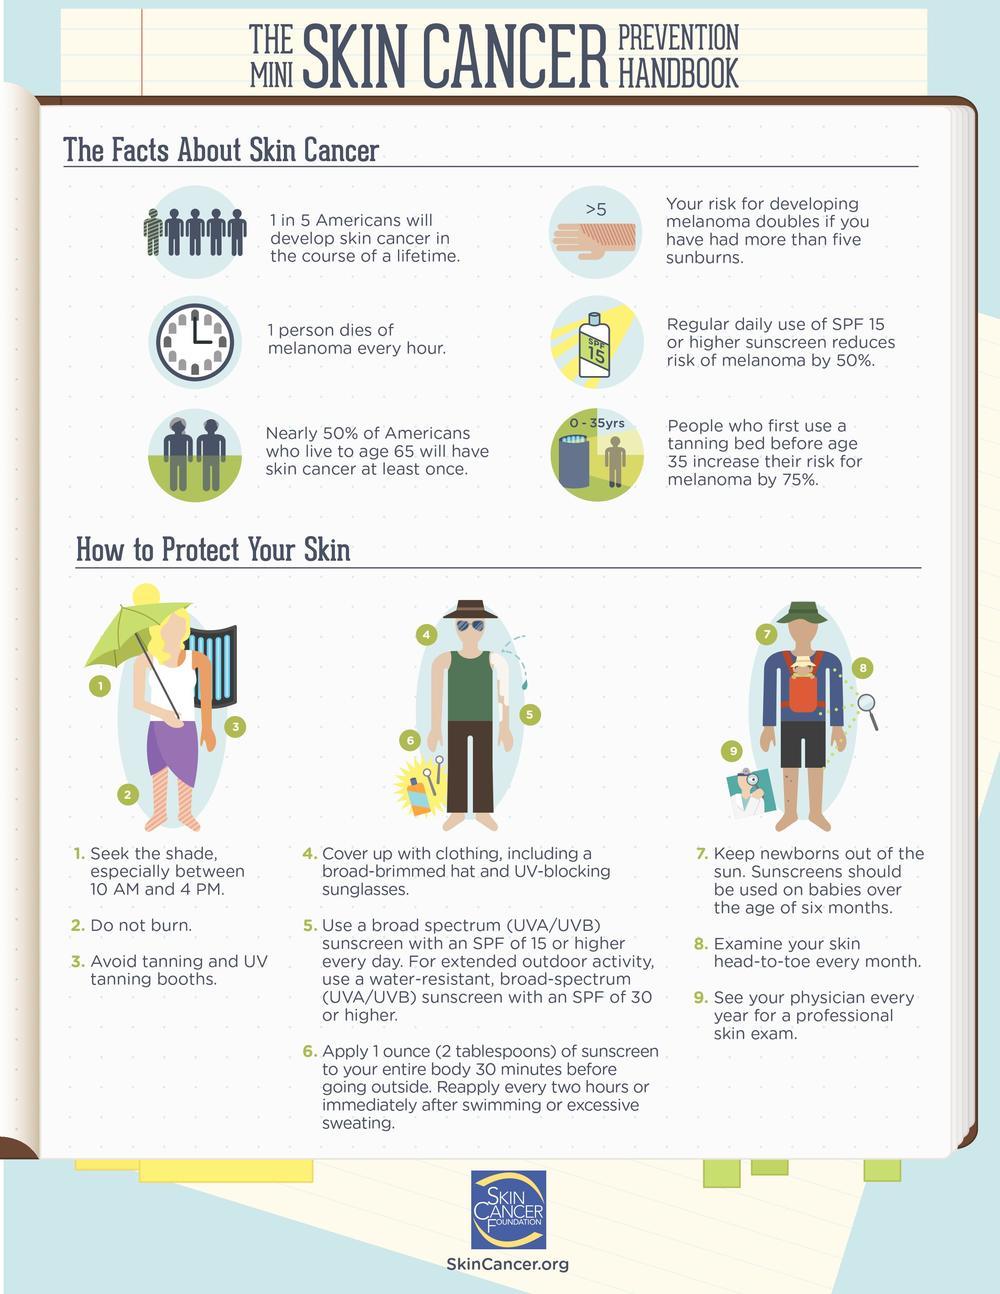 Skin Cancer Prevention Handbook